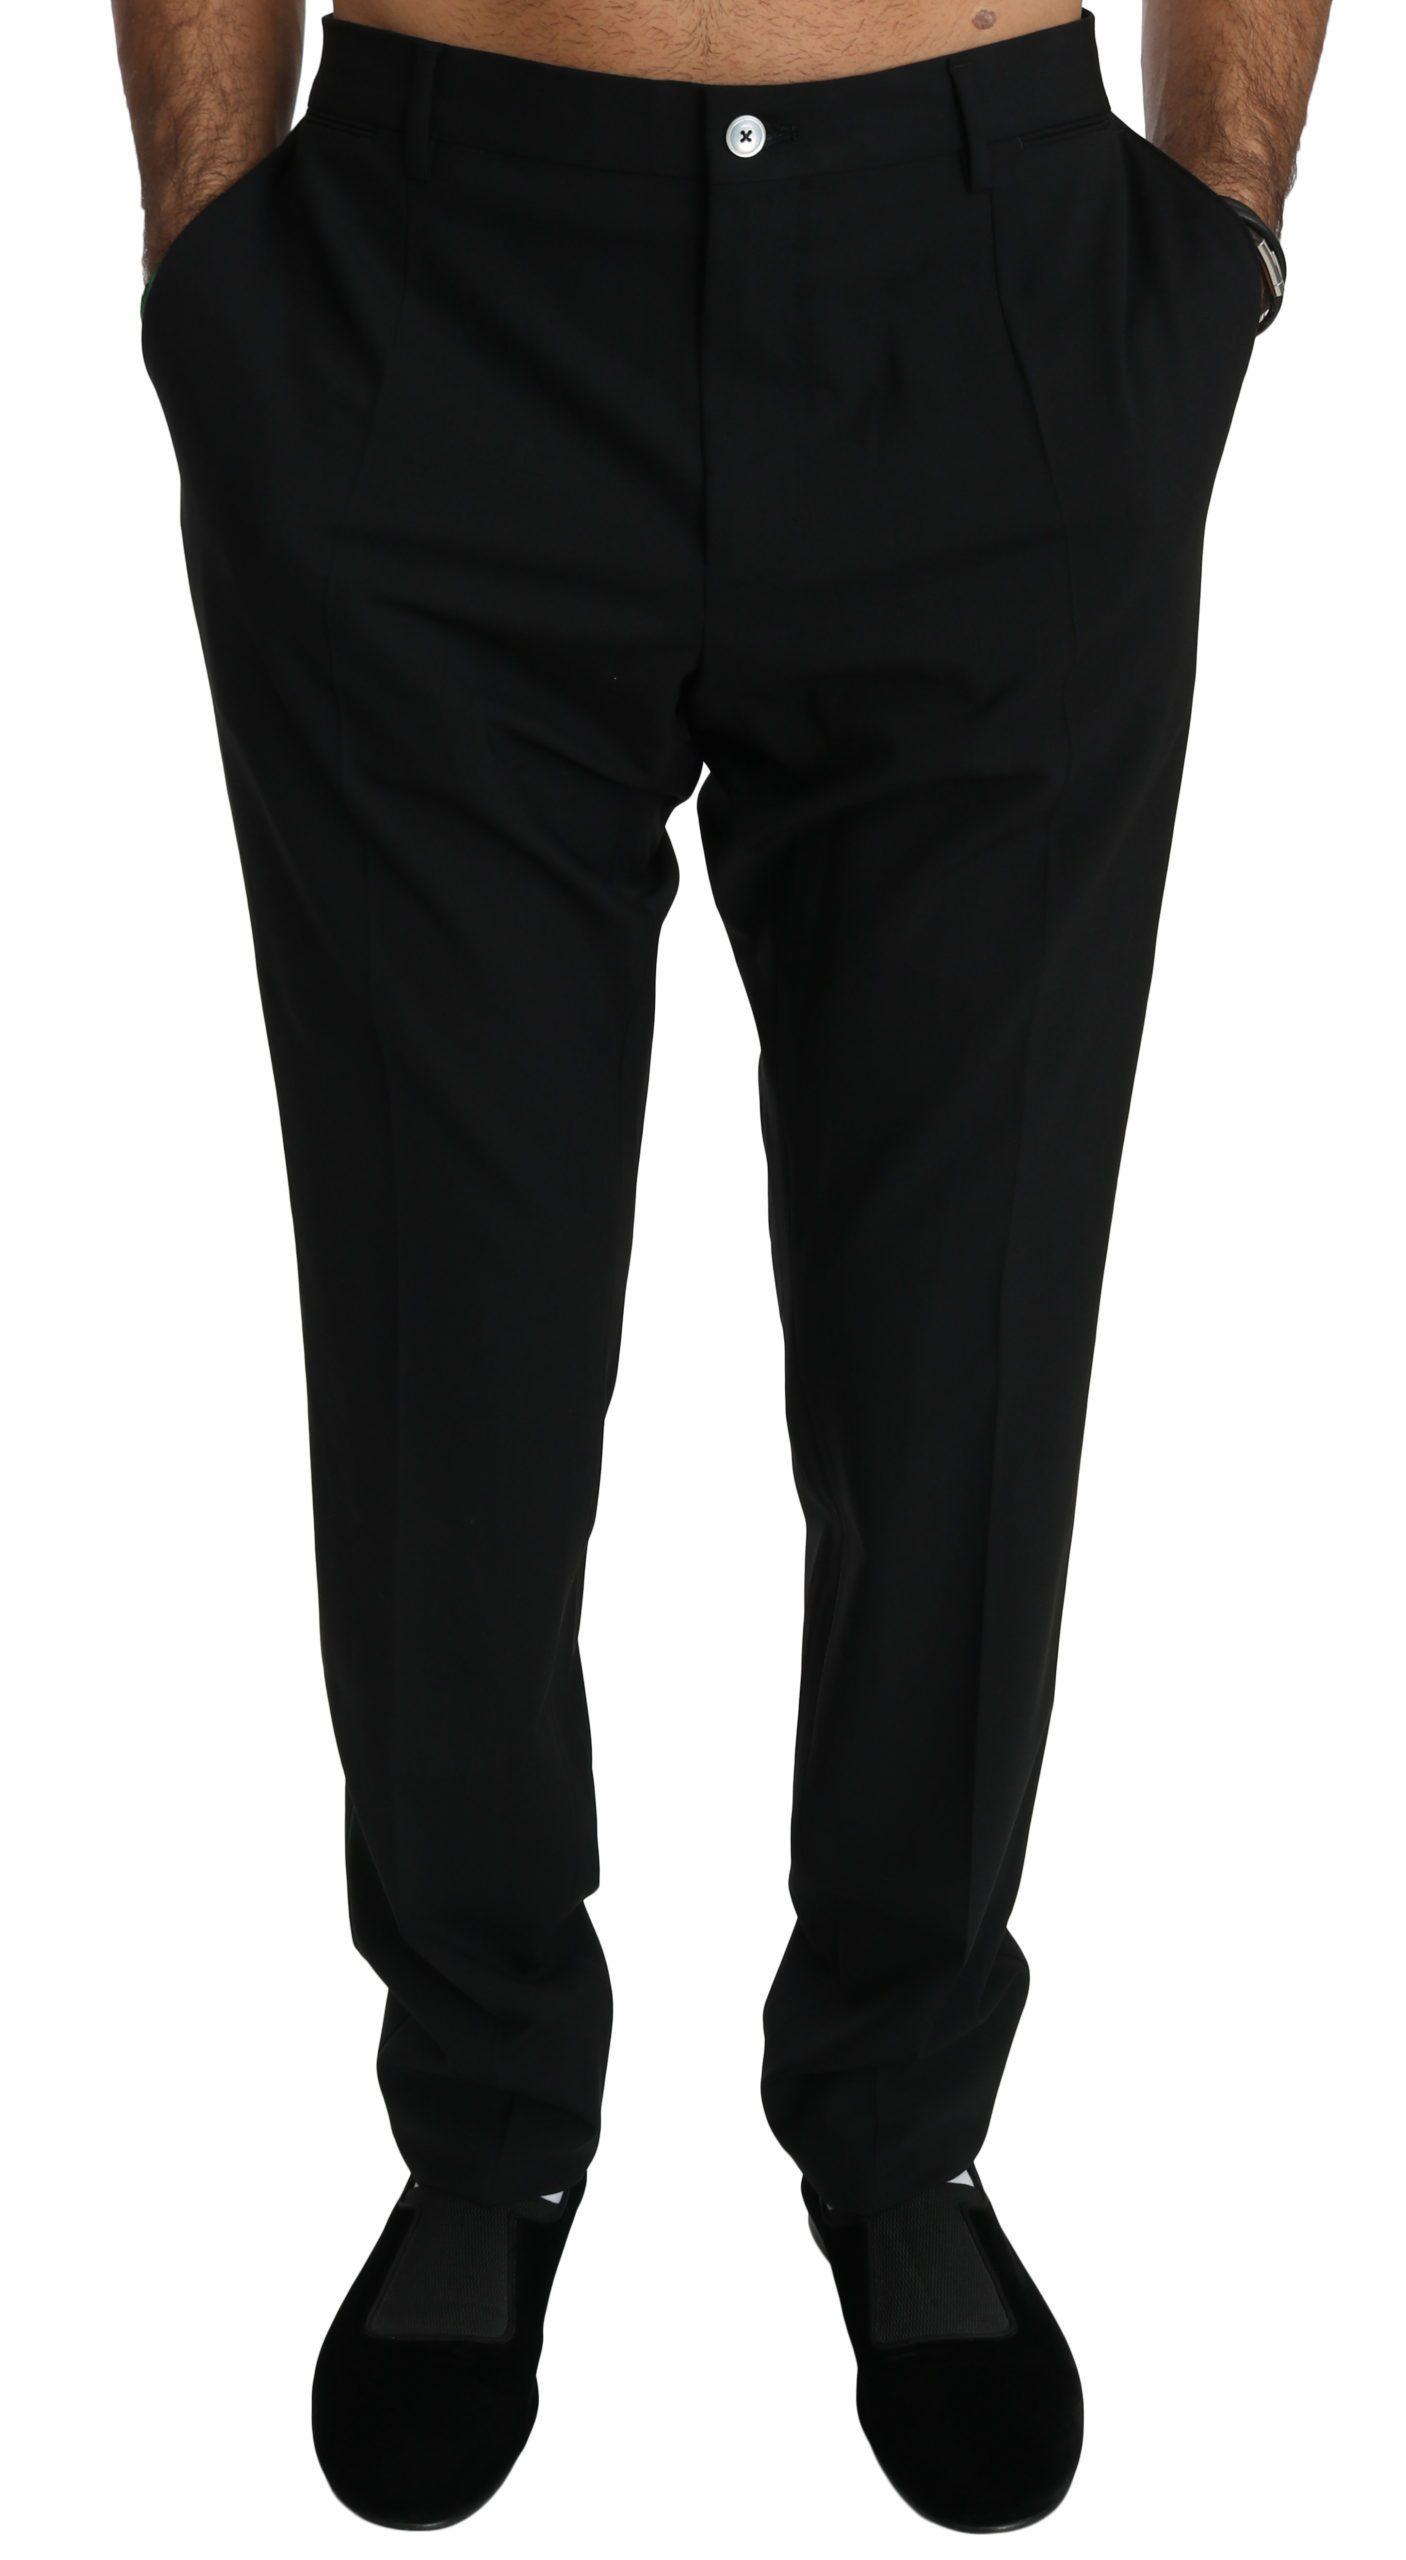 Dolce & Gabbana Men's Skinny Wool Stretch Trouser Black PAN70759 - IT54 | XL